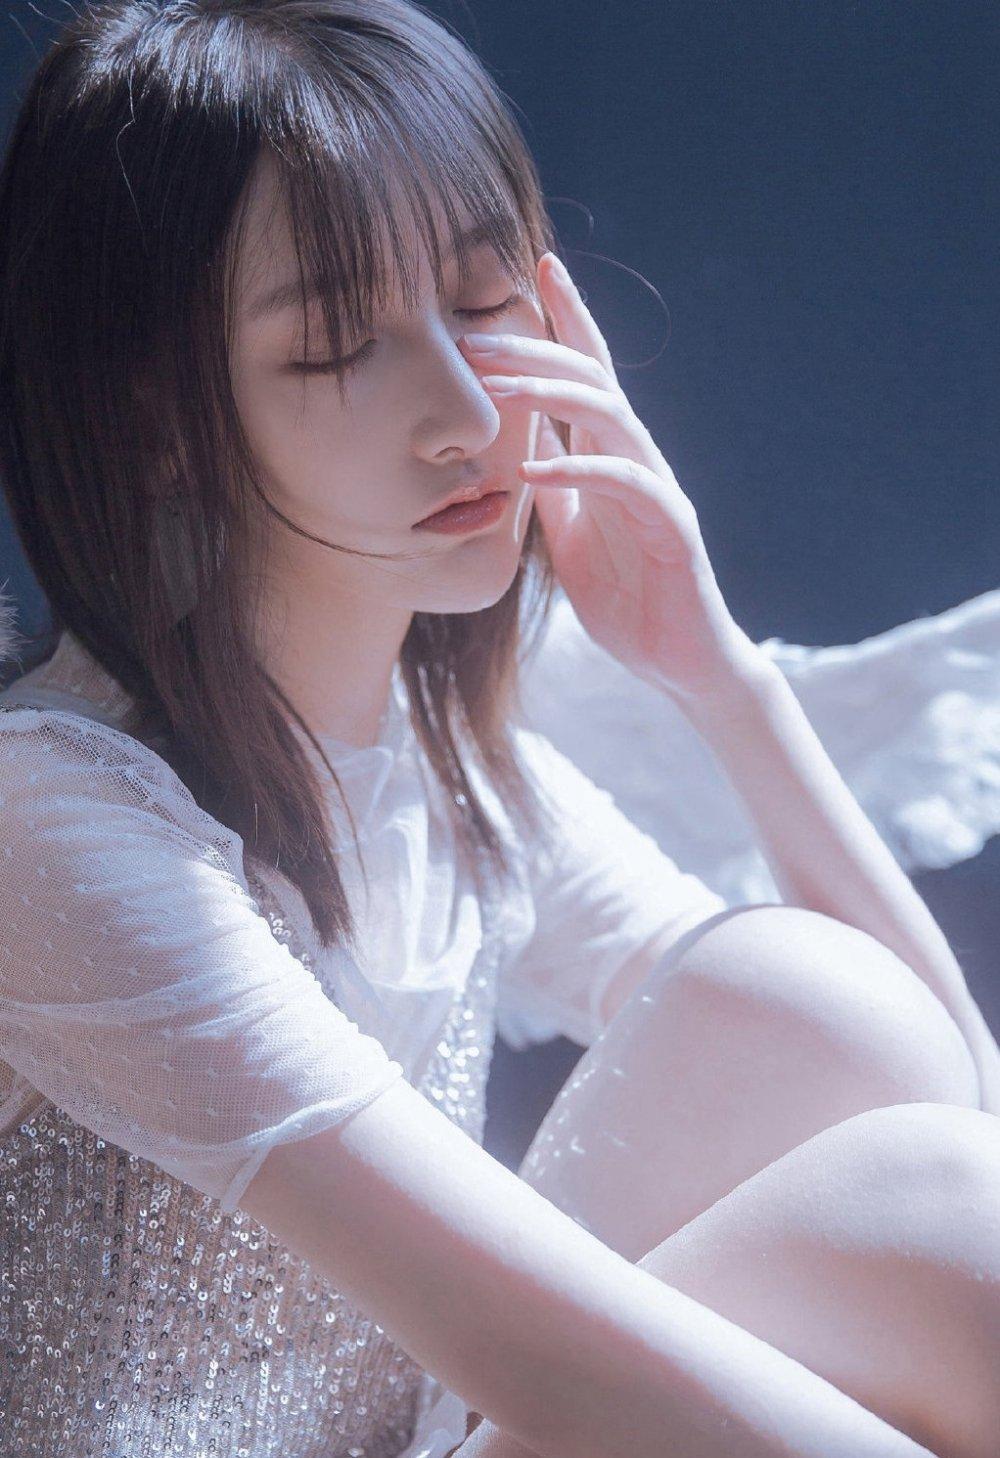 清纯动人天使女神唯美意境写真